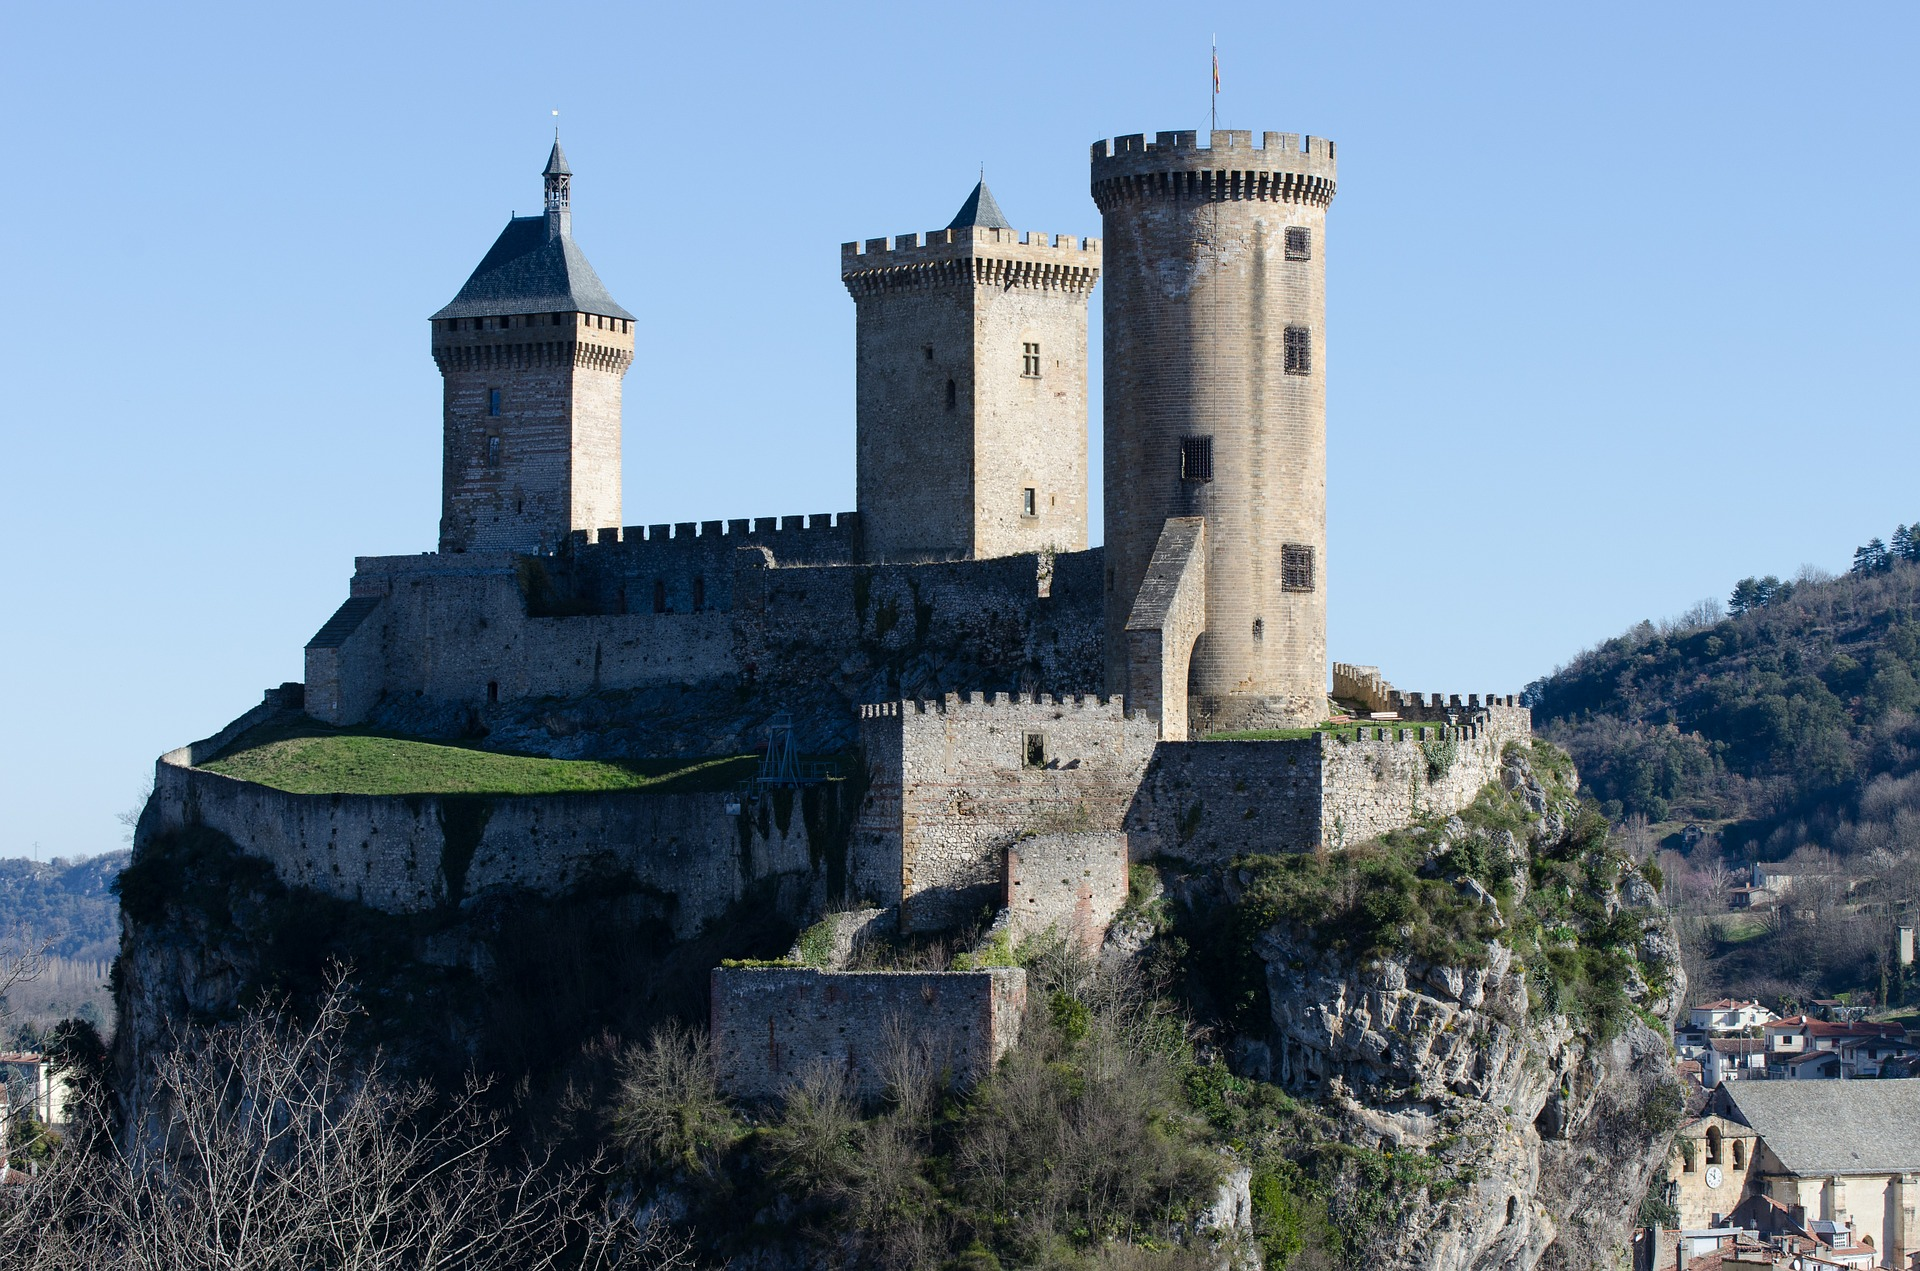 castle-542417_1920